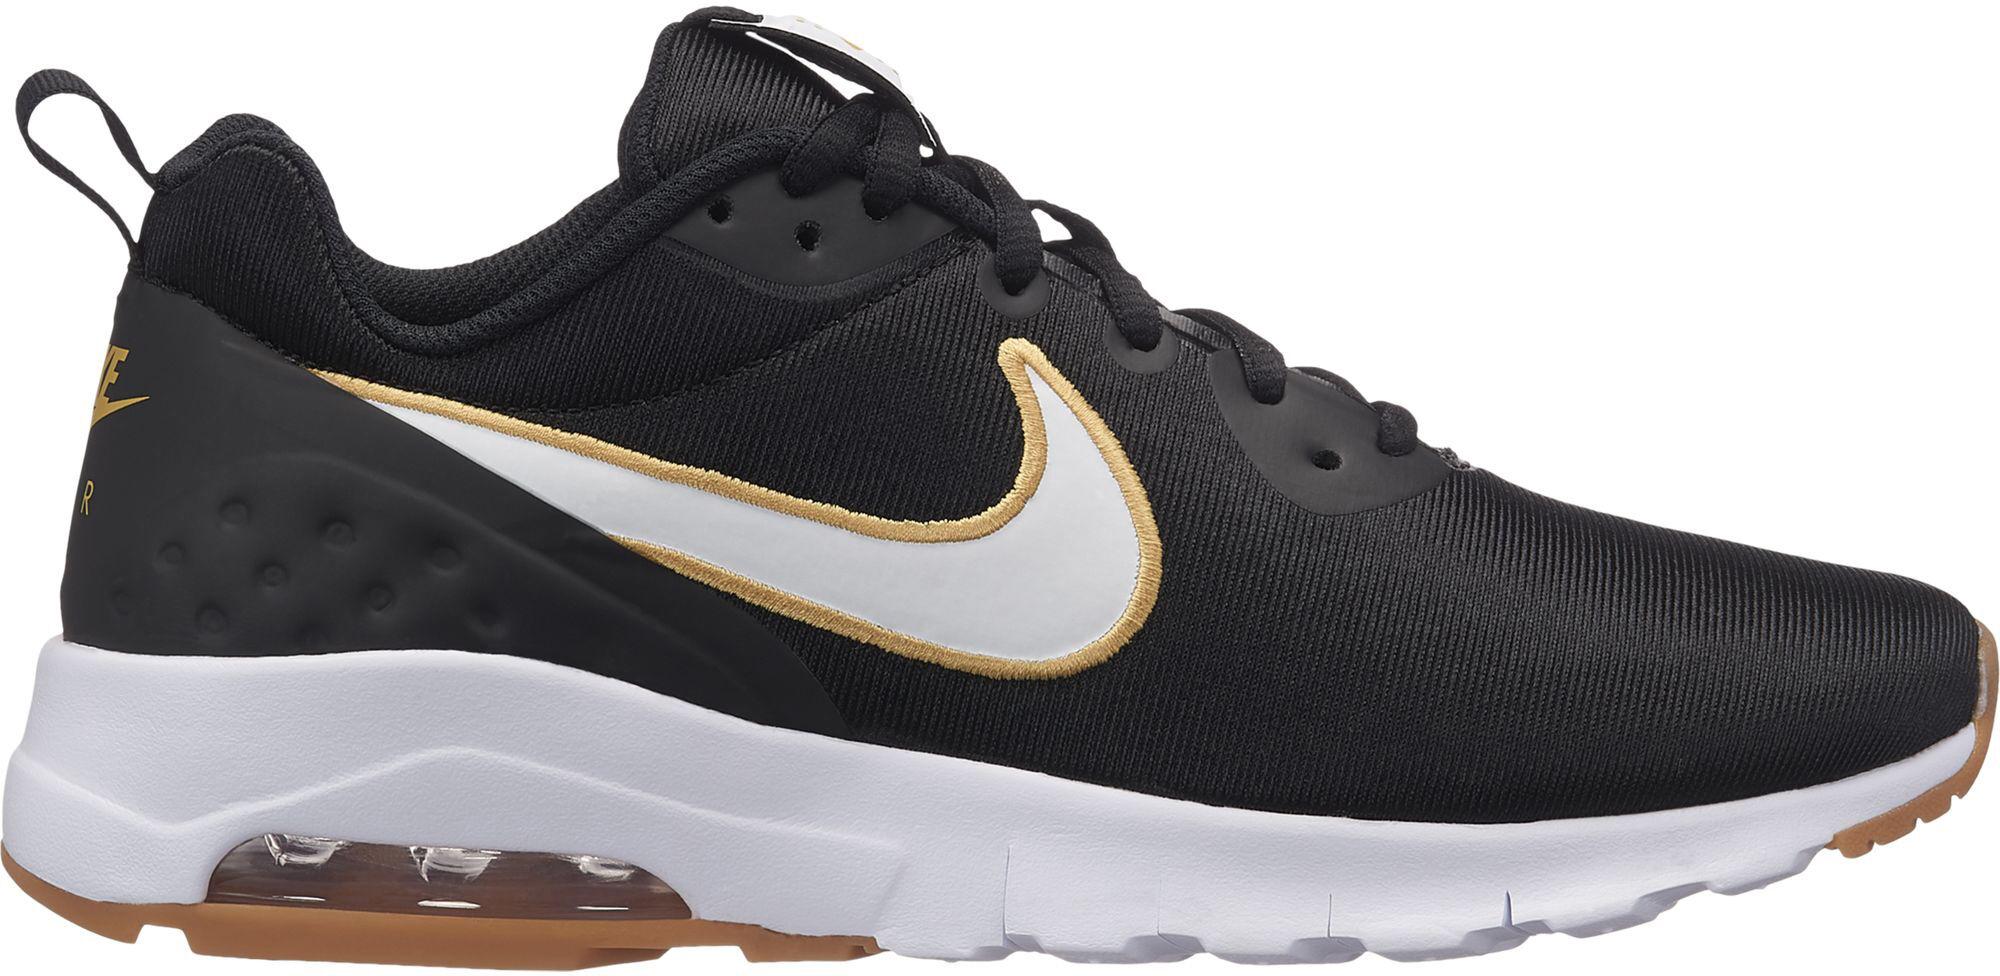 Precios de sneakers Intersport Nike entre 60 y 90€ baratas